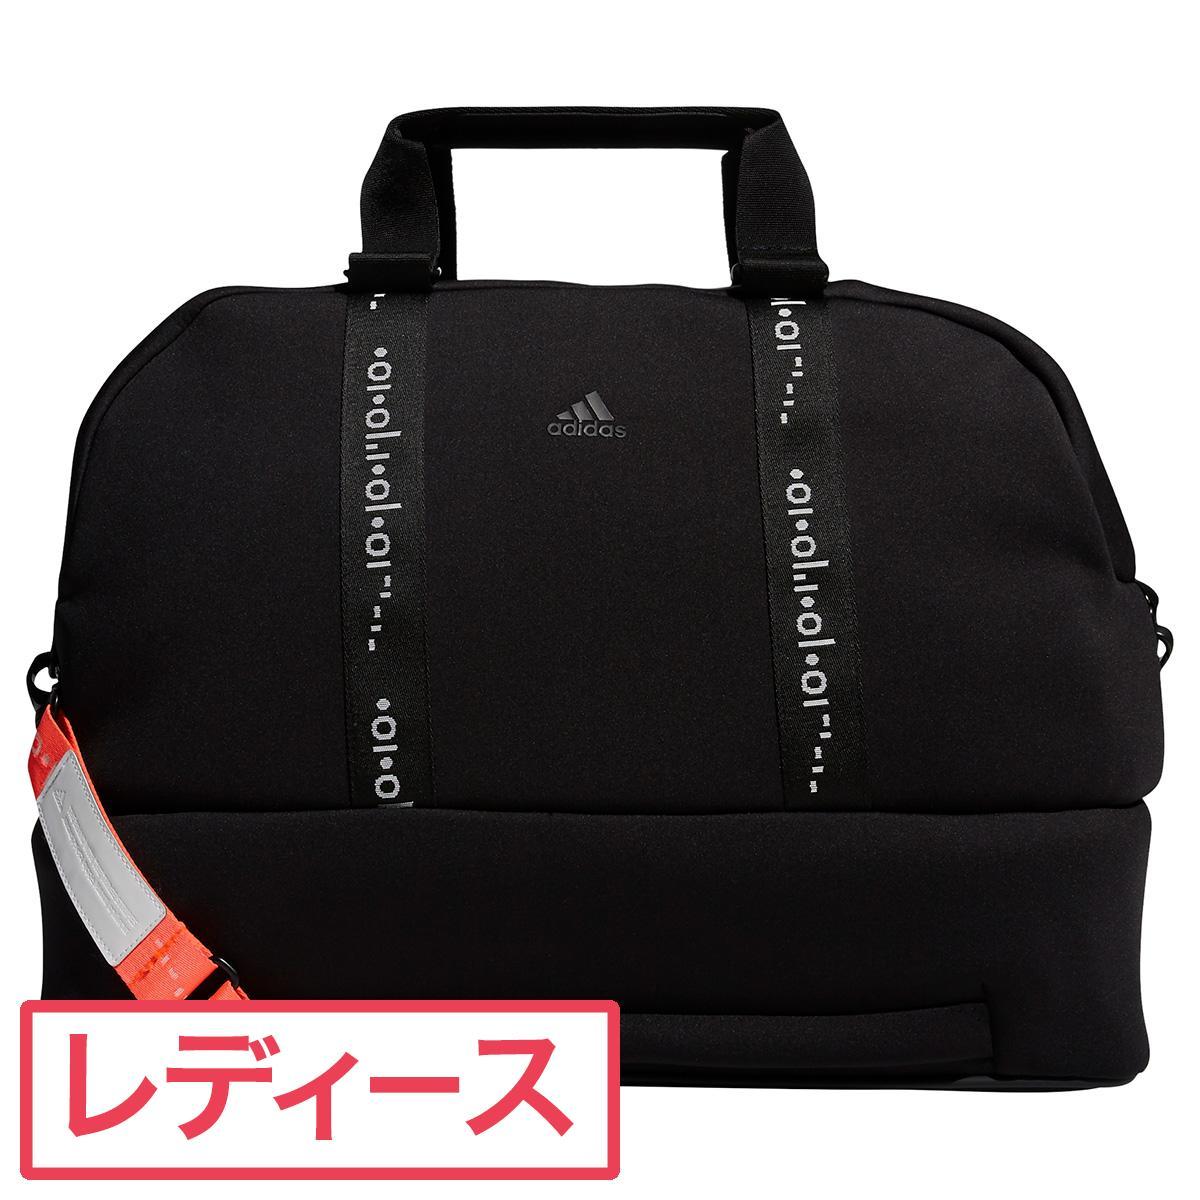 【\10%OFFクーポン対象/9月22日迄】アディダス Adidas 3ストライプボストンバッグ レディス